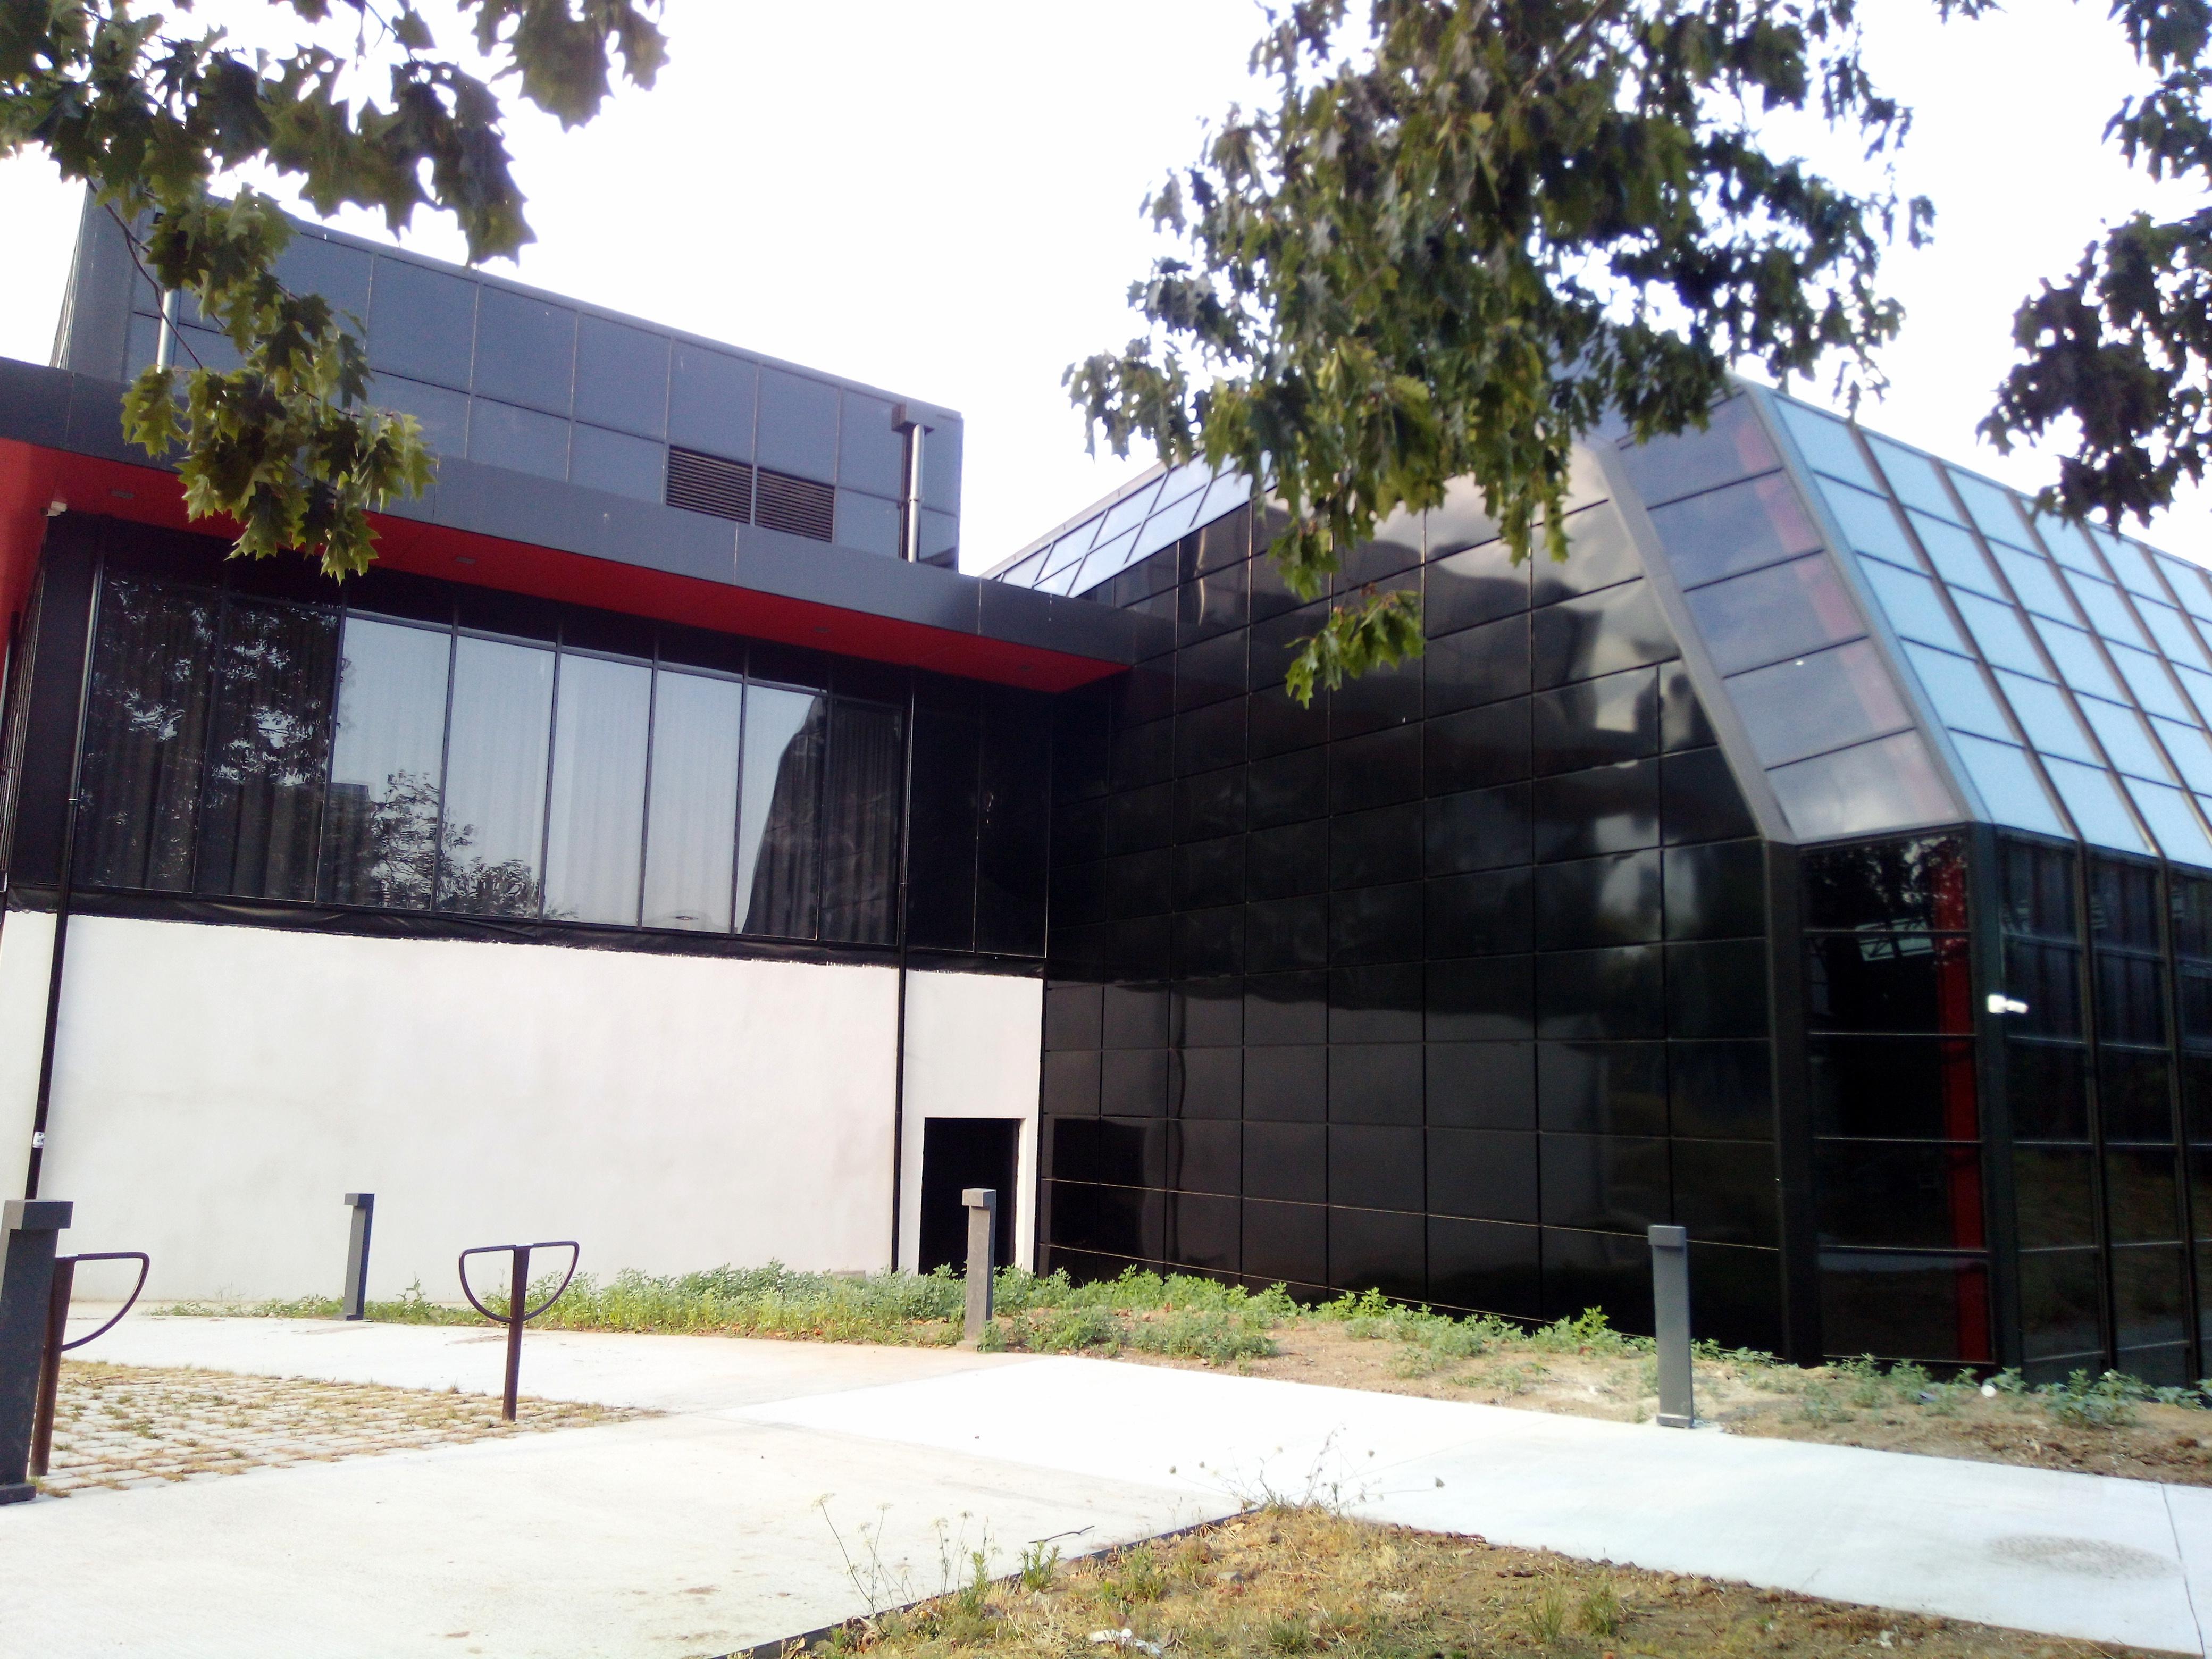 Façade du Palais des sports de Nantes Beaulieu en cassettes métalliques fabriquées par CIBA OUARY